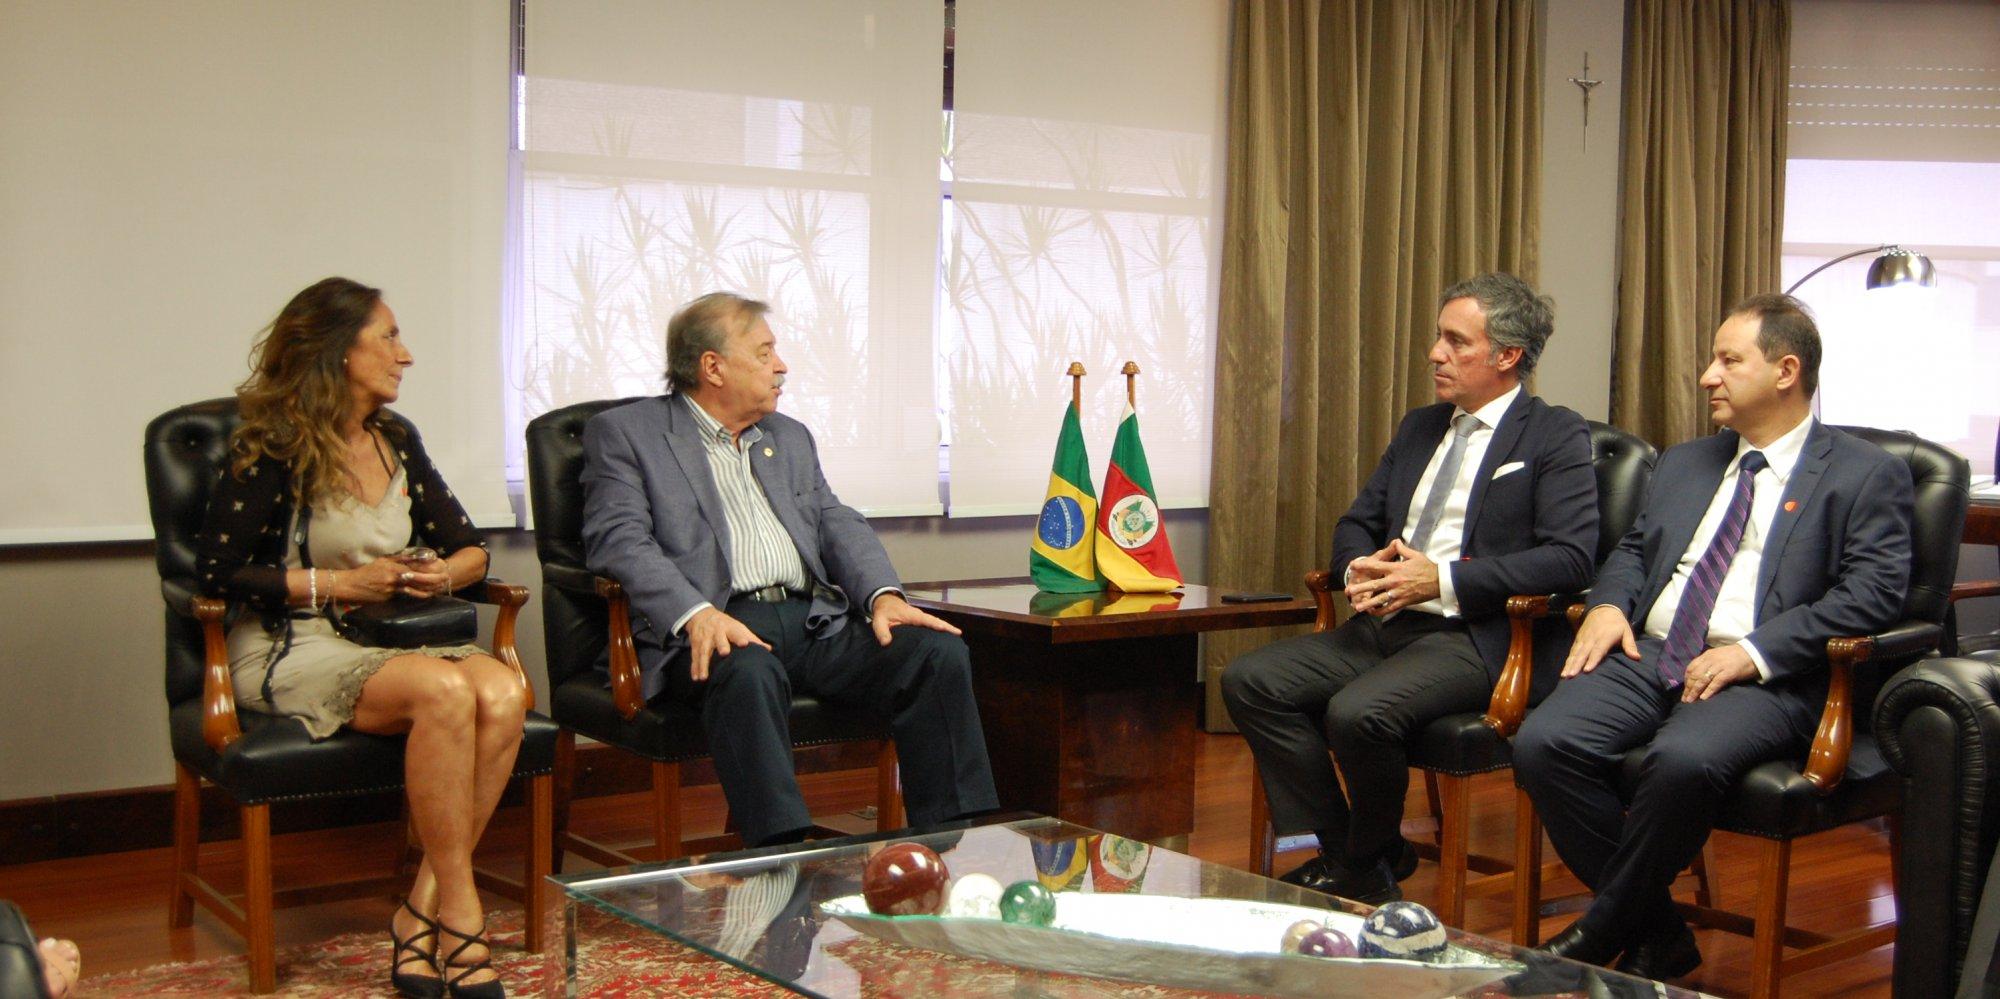 Dirigentes da empresa Energias De Portugal (EDP)